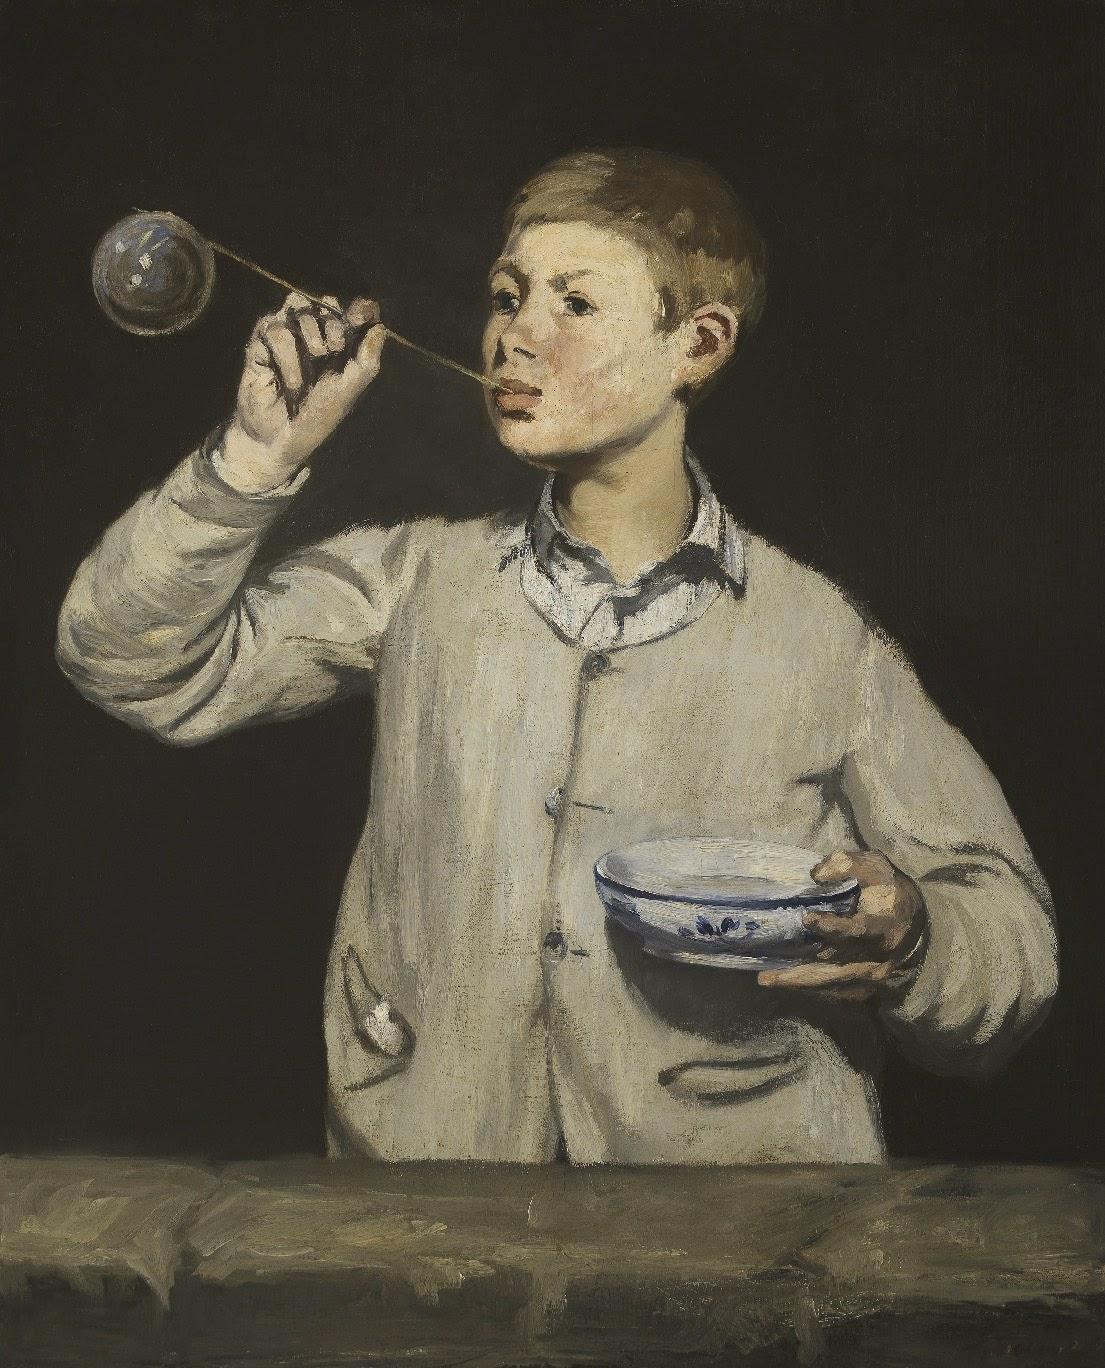 Édouard Manet, Chico haciendo pompas de jabón (1867), Fundación Calouste Gulbenkian, Lisboa